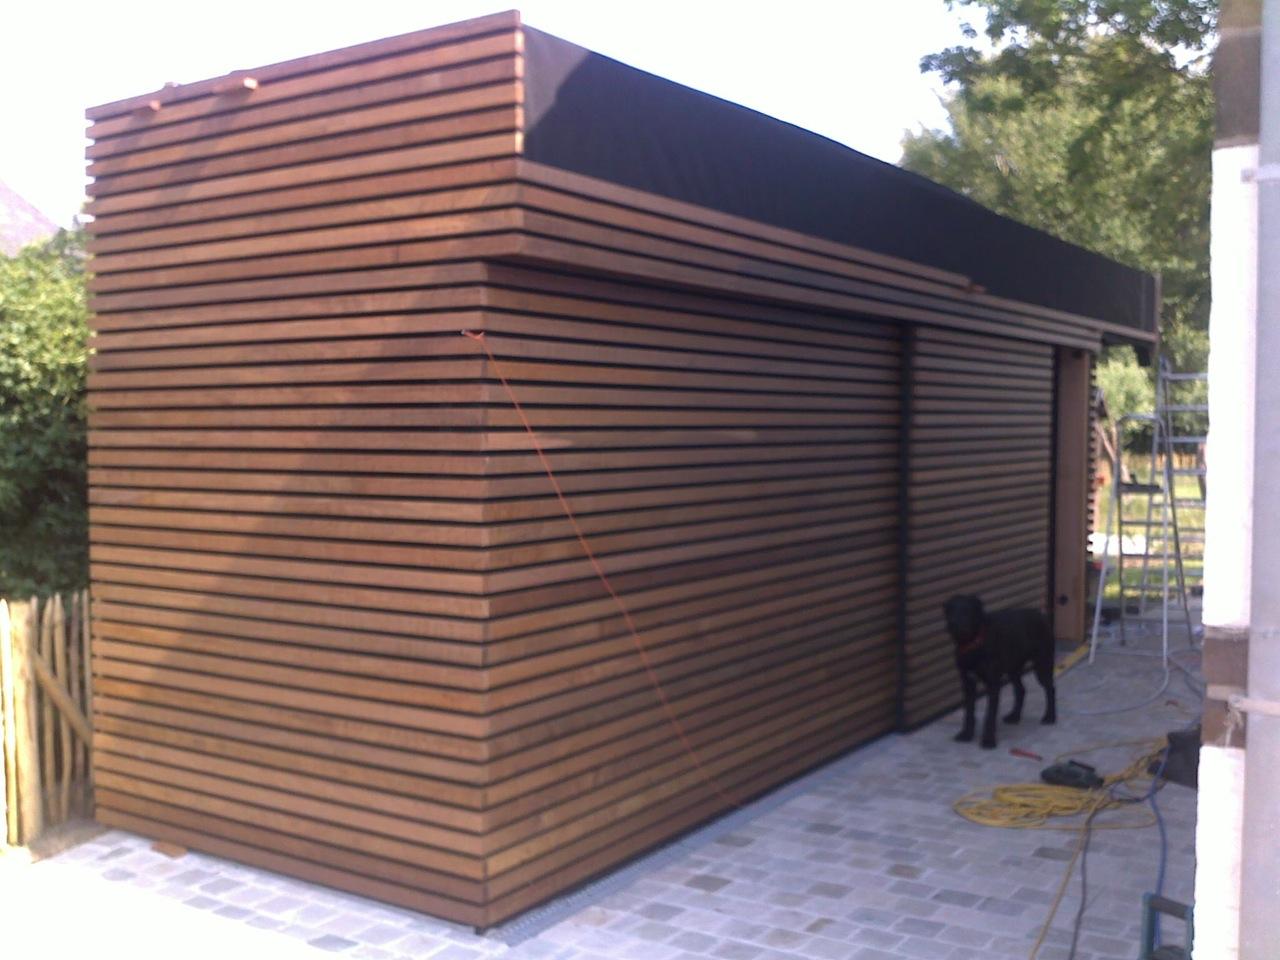 houten bijgebouw 01 houtskeletbouw ref 201 parket houten ...